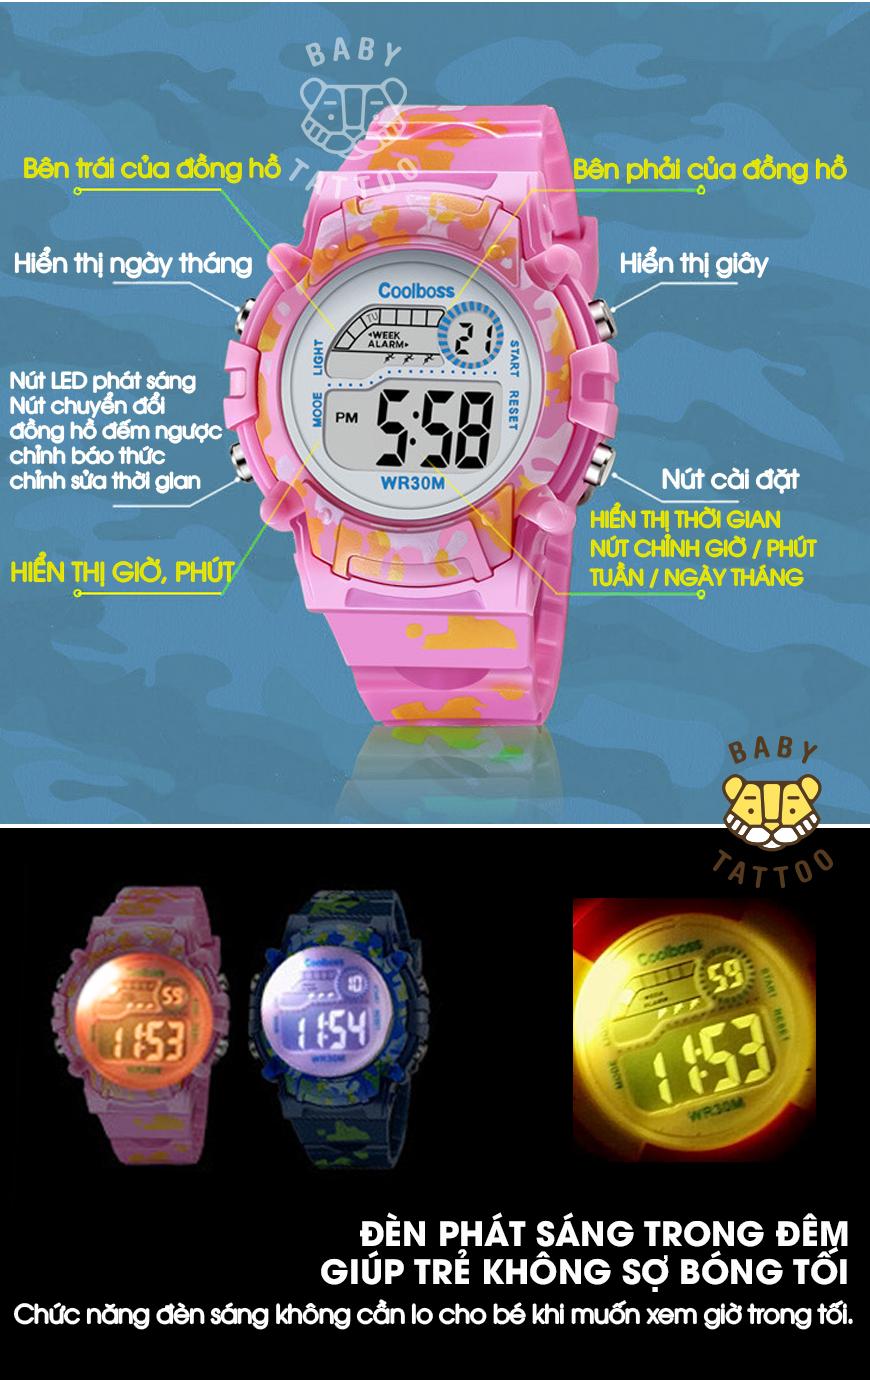 [MIỄN PHÍ GIAO HÀNG] Đồng hồ trẻ em đa chức năng kết hợp hiệu ứng đèn Led chính hãng Coobos, chống trầy xước, chống nước tốt, bảo hành 2 năm 7